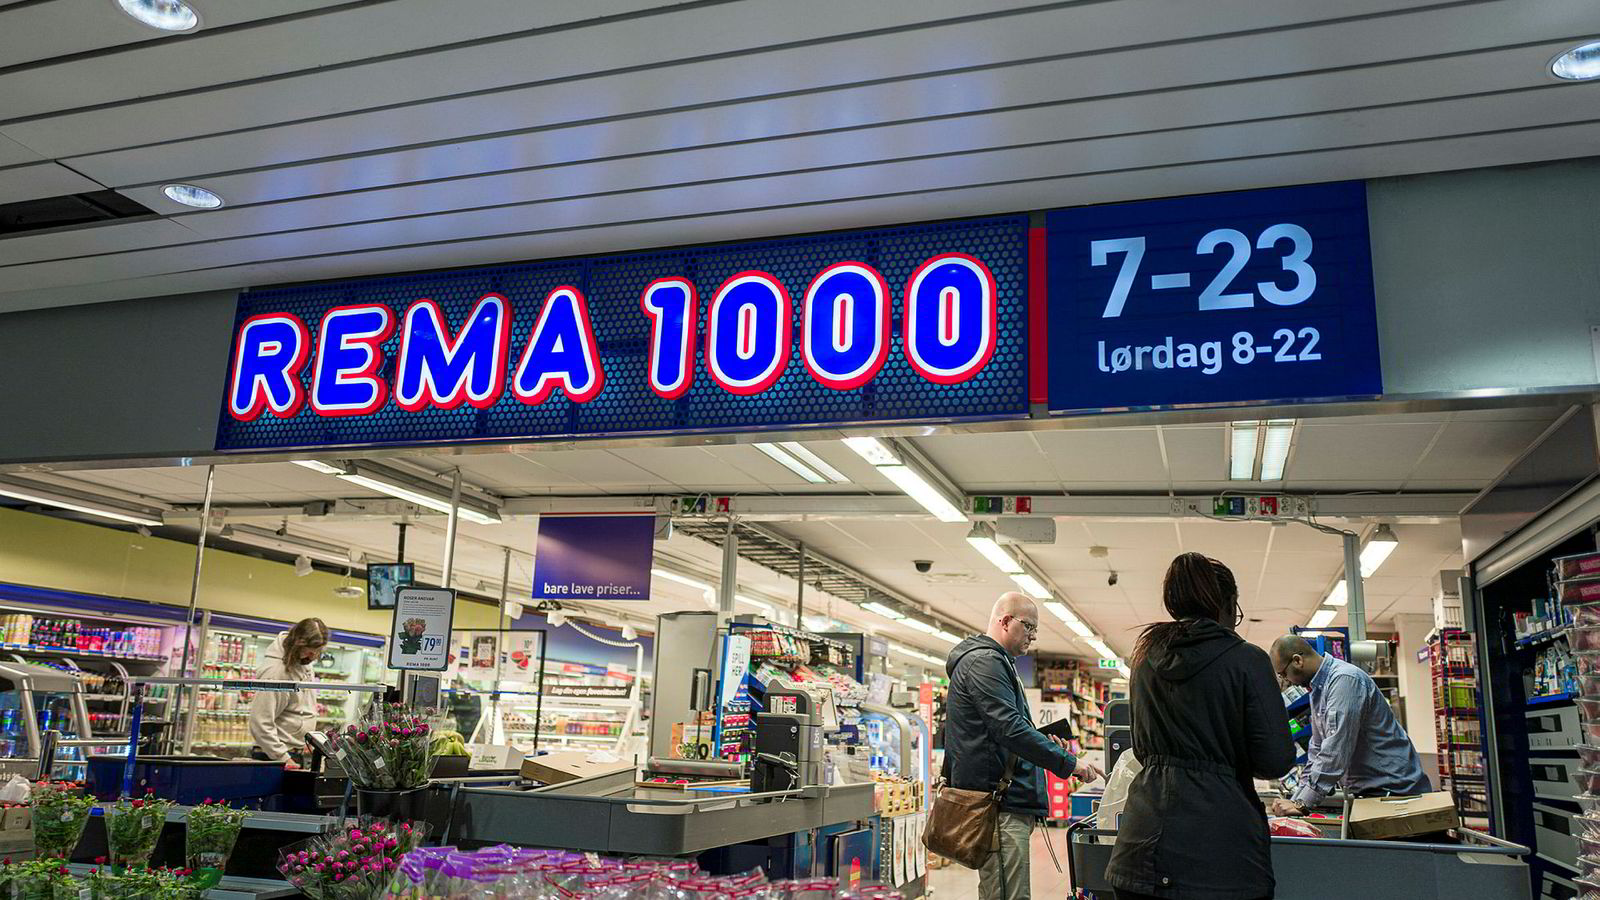 Rema har mistet 0,5 prosentpoeng markedsandel hittil i år, viser nye tall fra Nielsen.